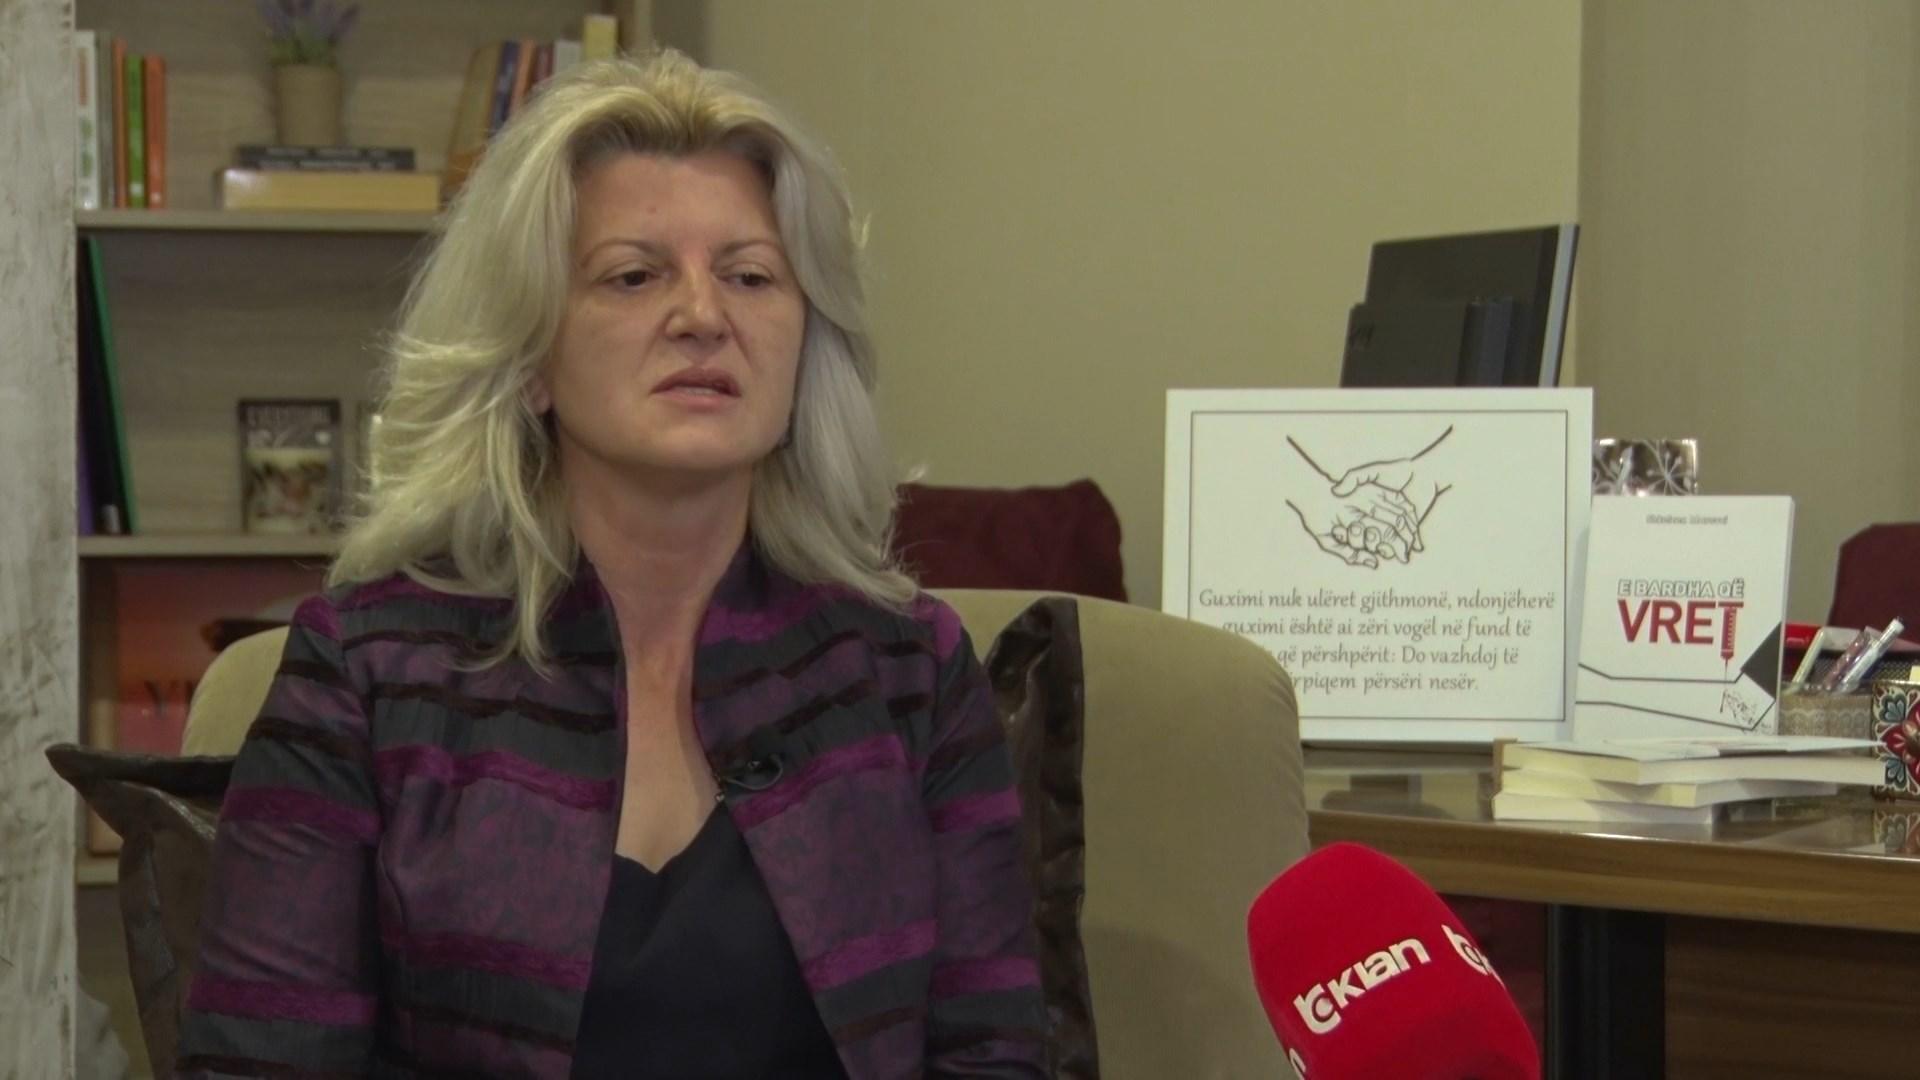 Humbi djalin nga droga, psikologia në Ferizaj hap qendrën e parë të rehabilitimit